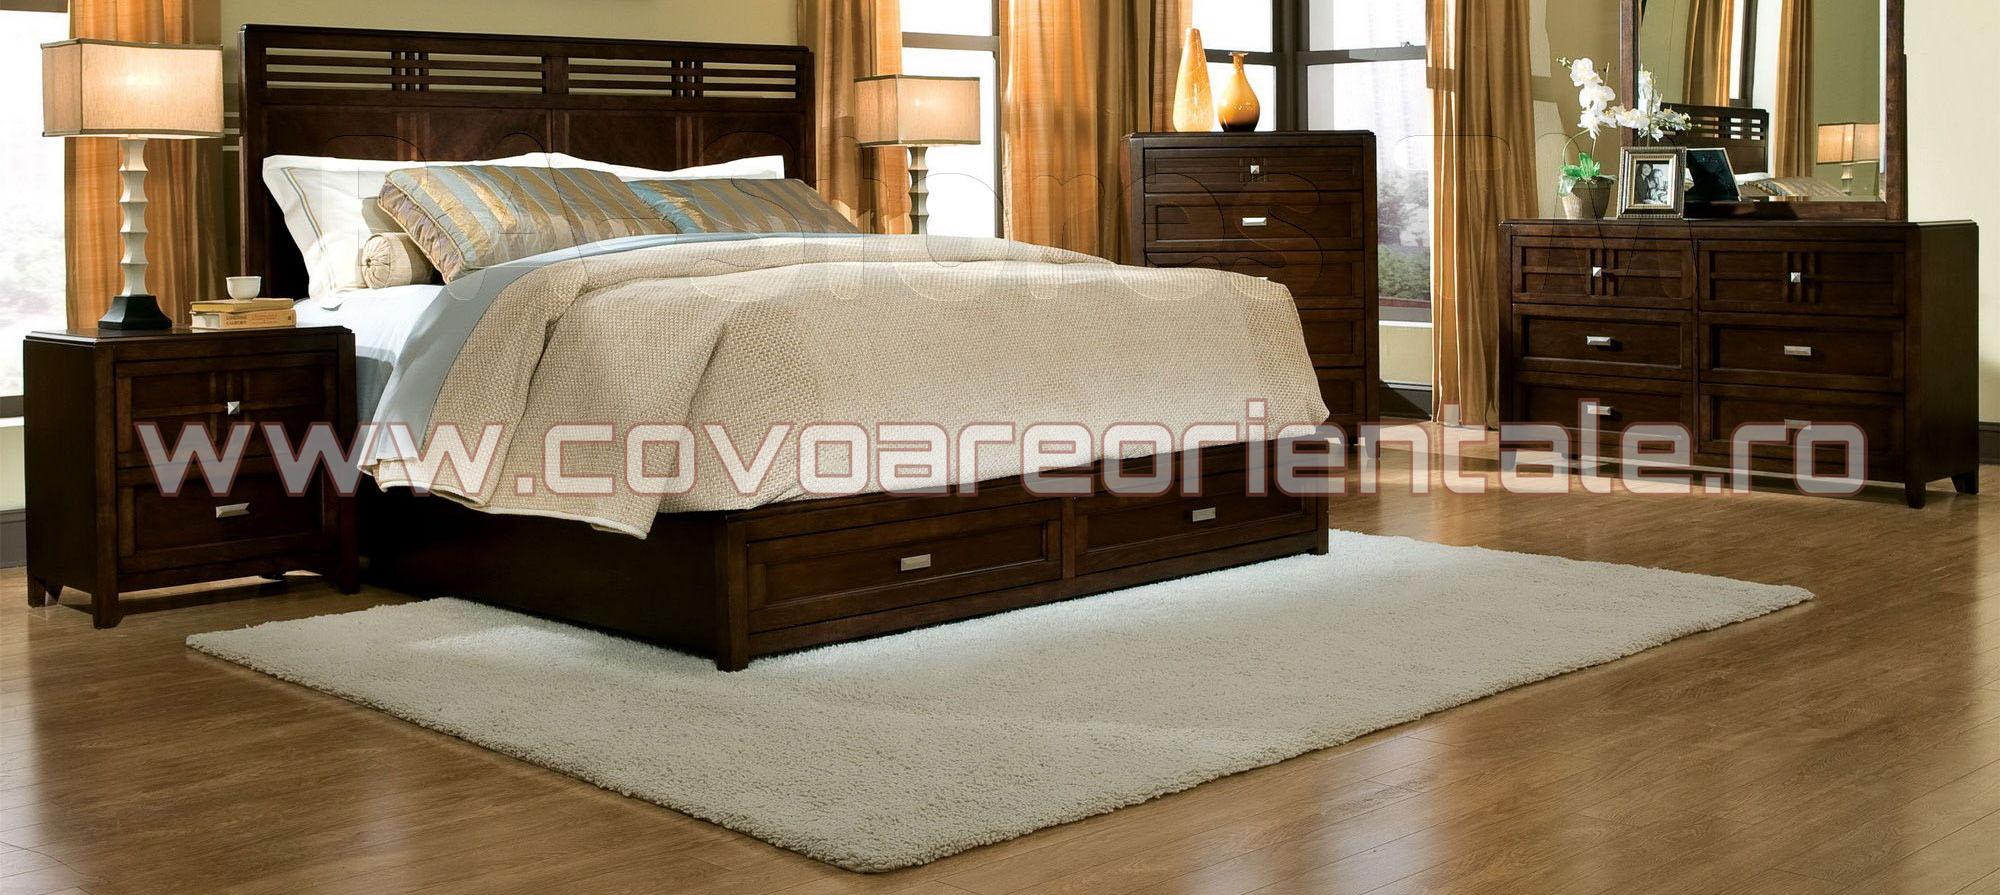 Covoare Dormitor